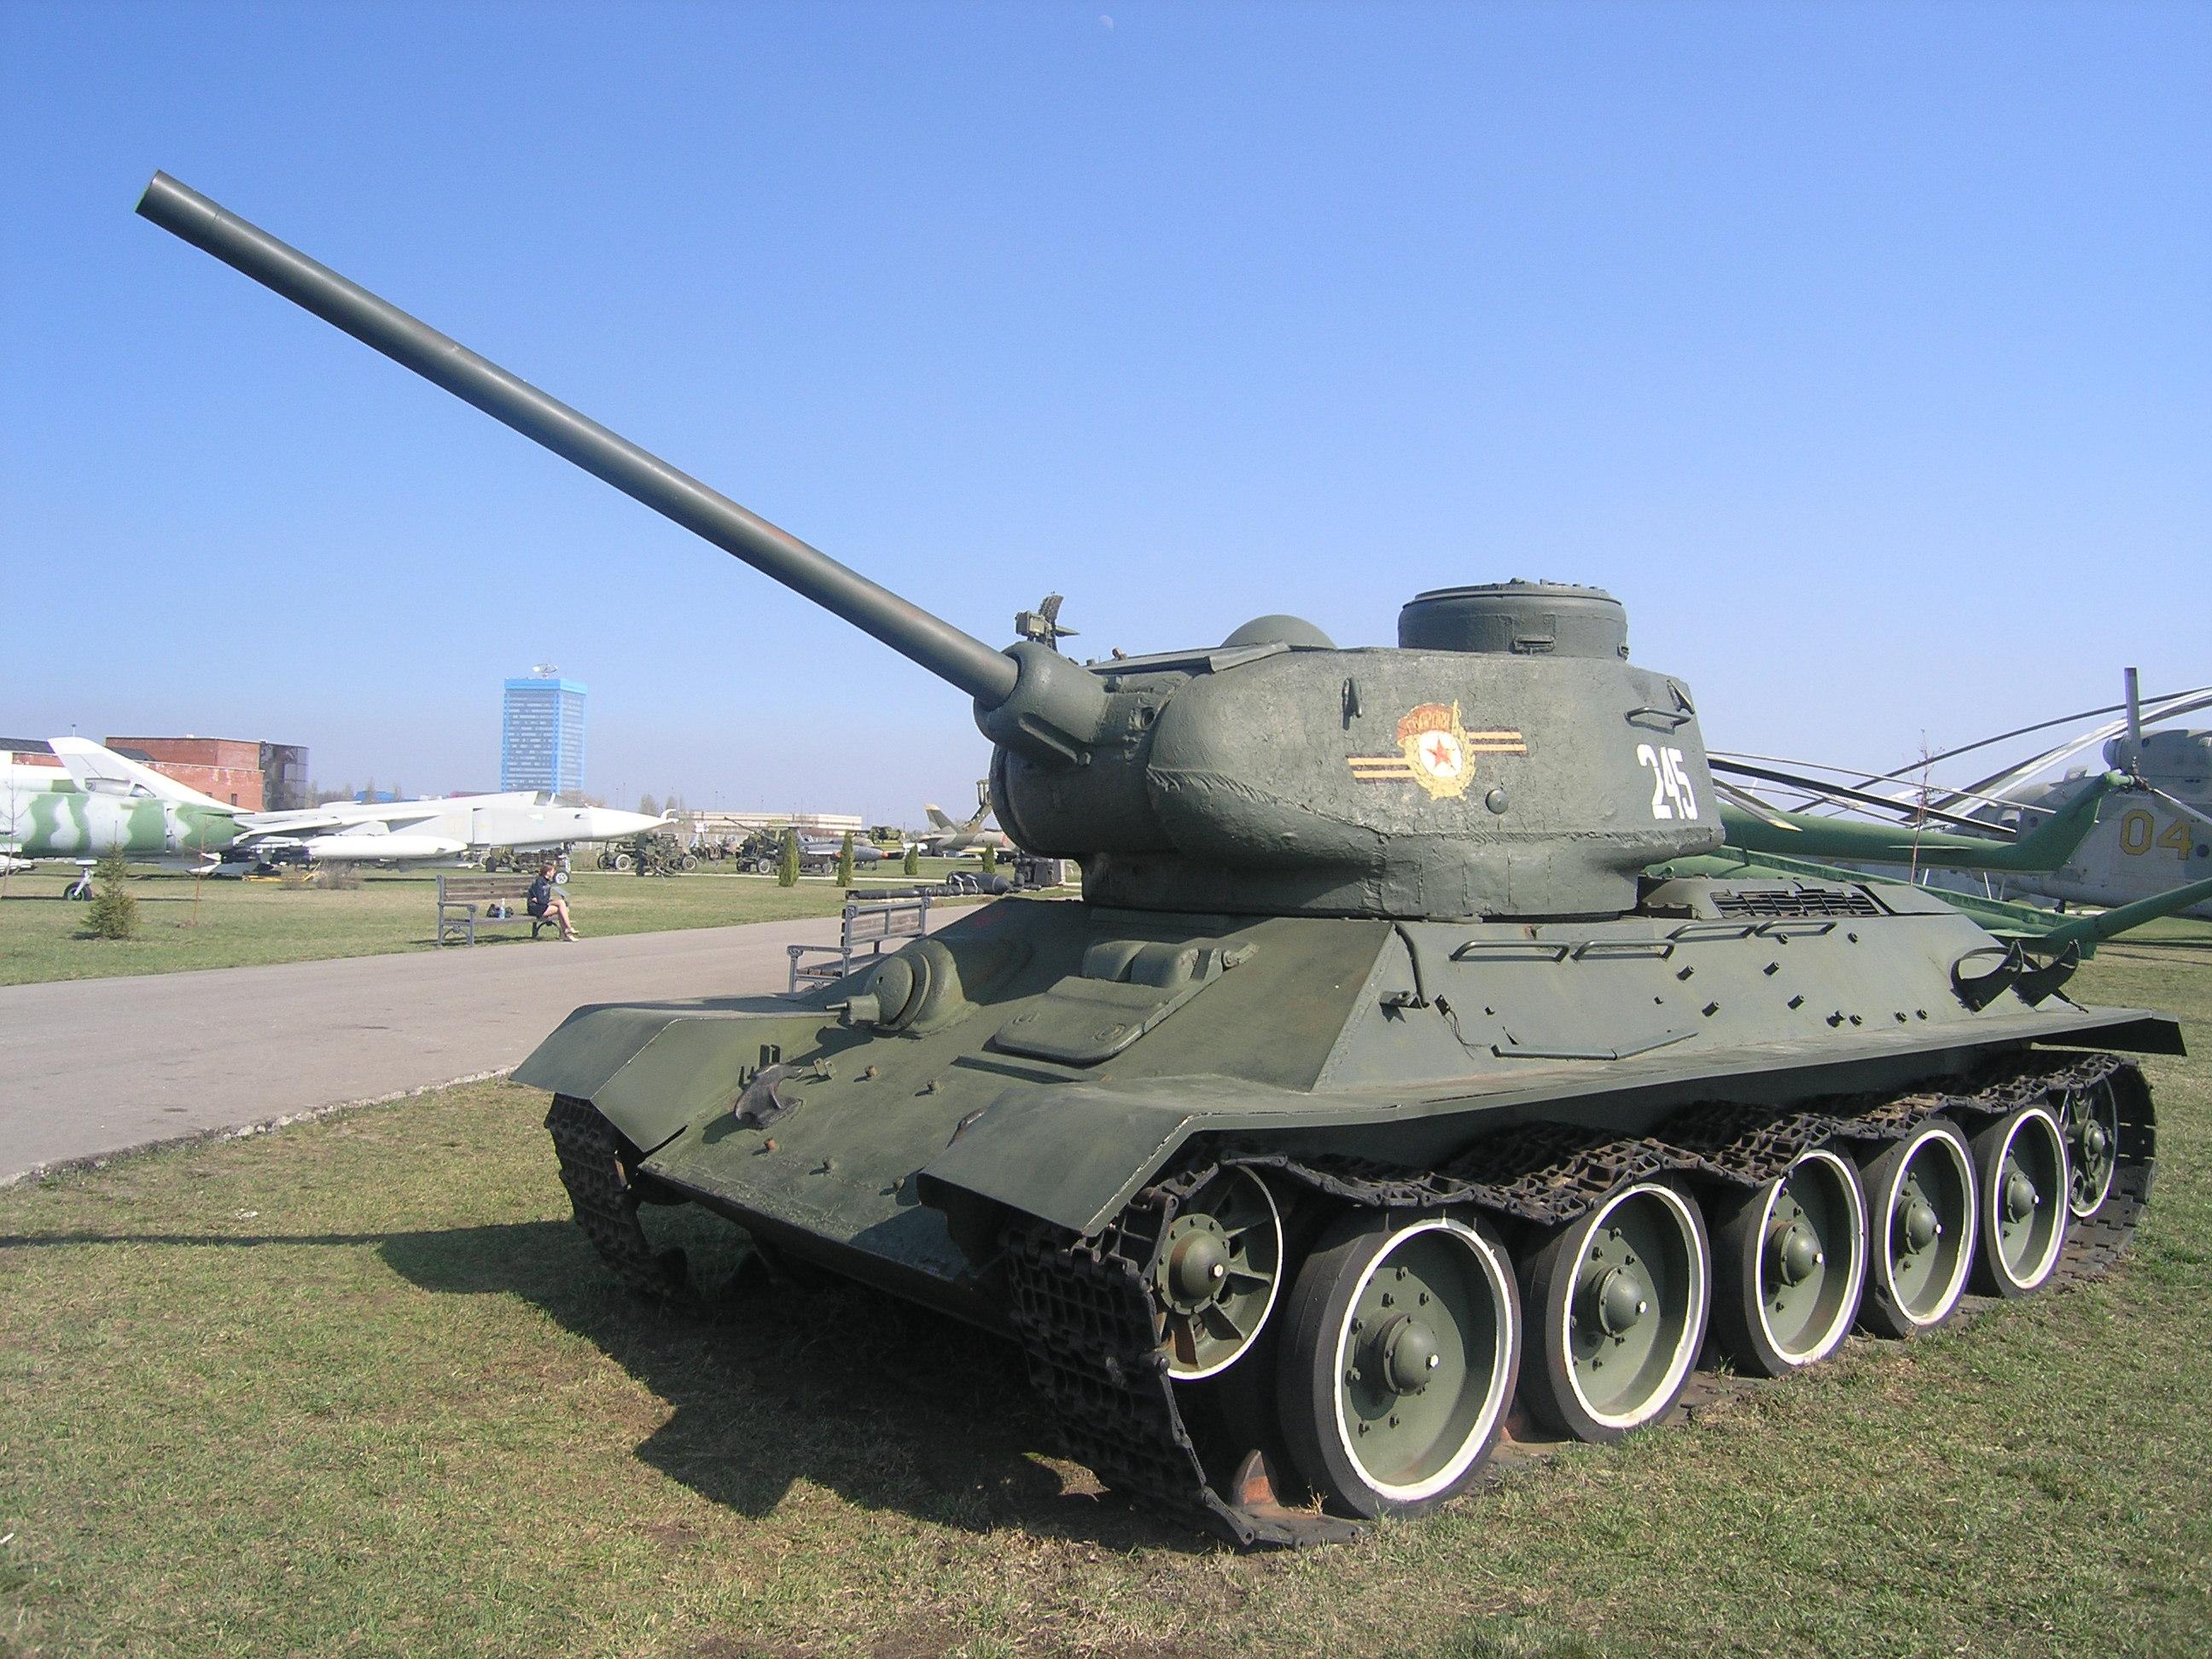 T-34-85,_museum,_Togliatti,_Russia-1.JPG